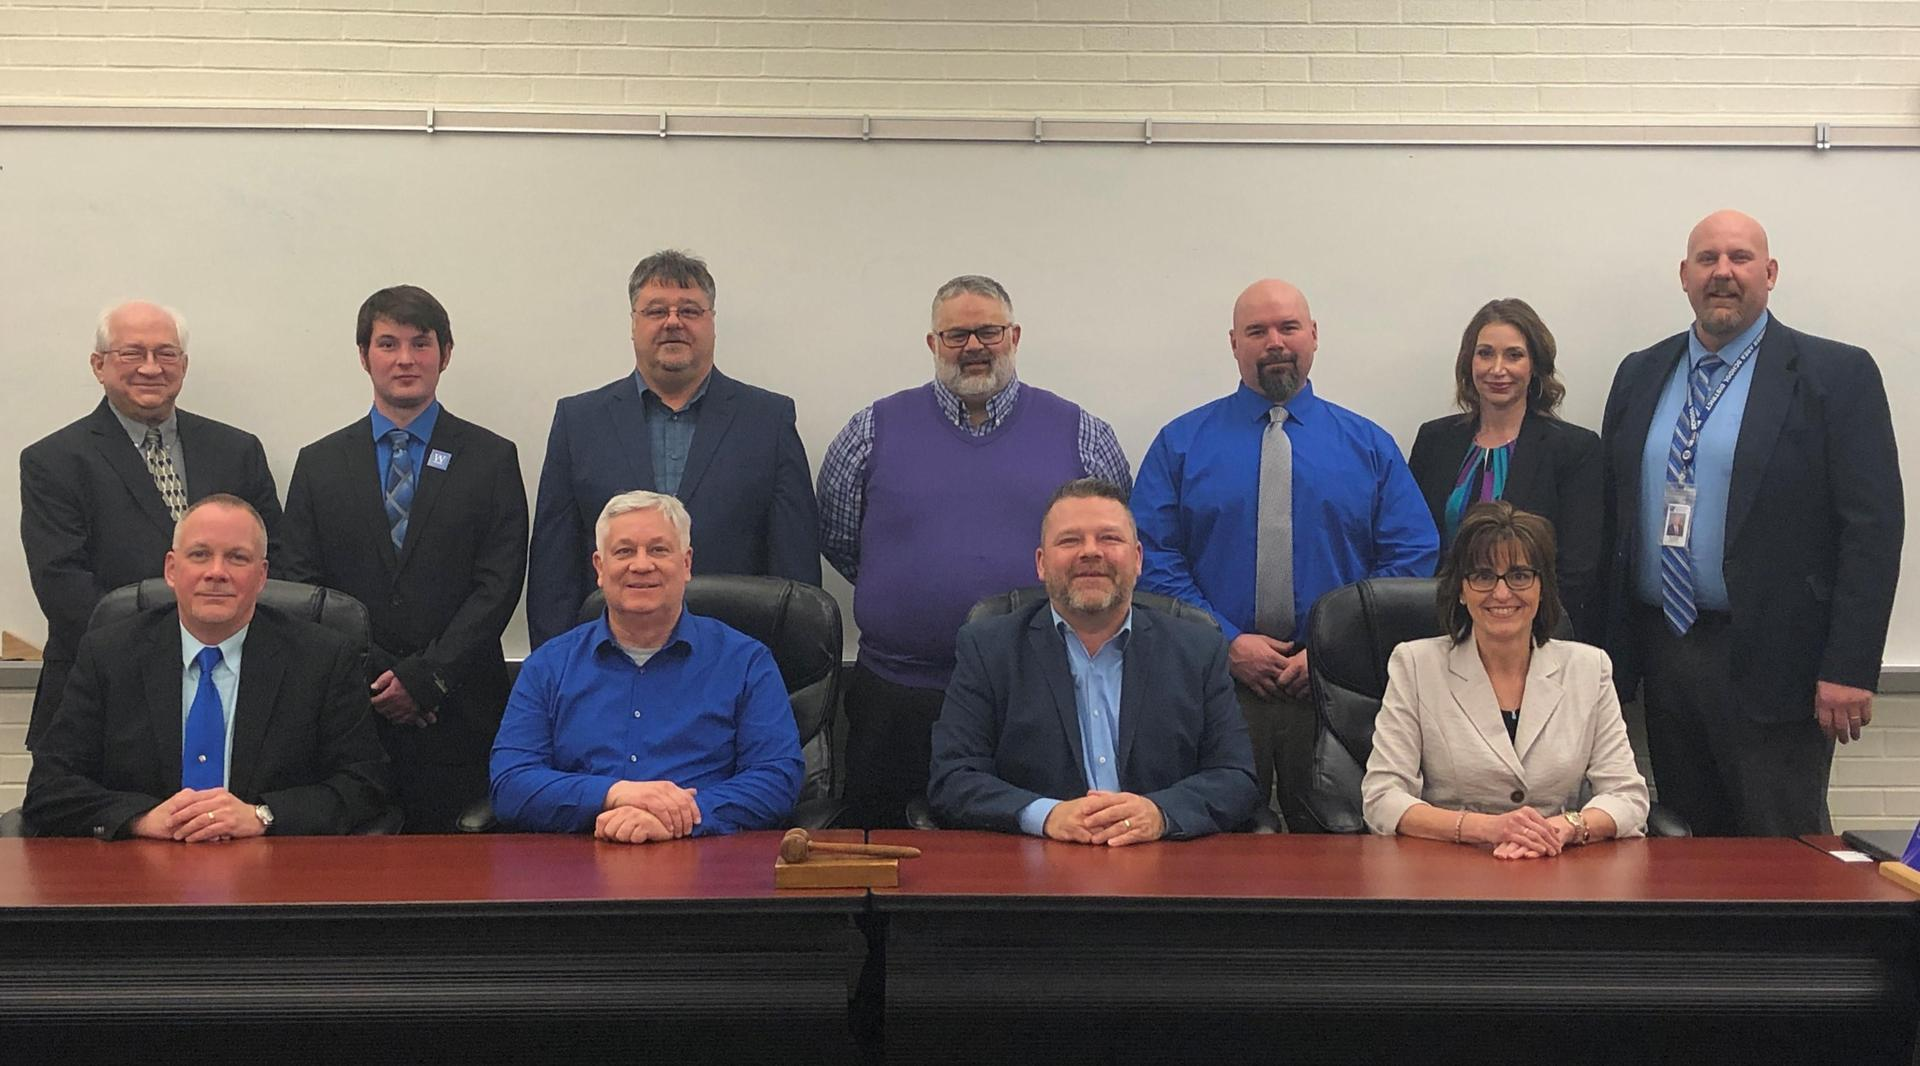 2020 School Board